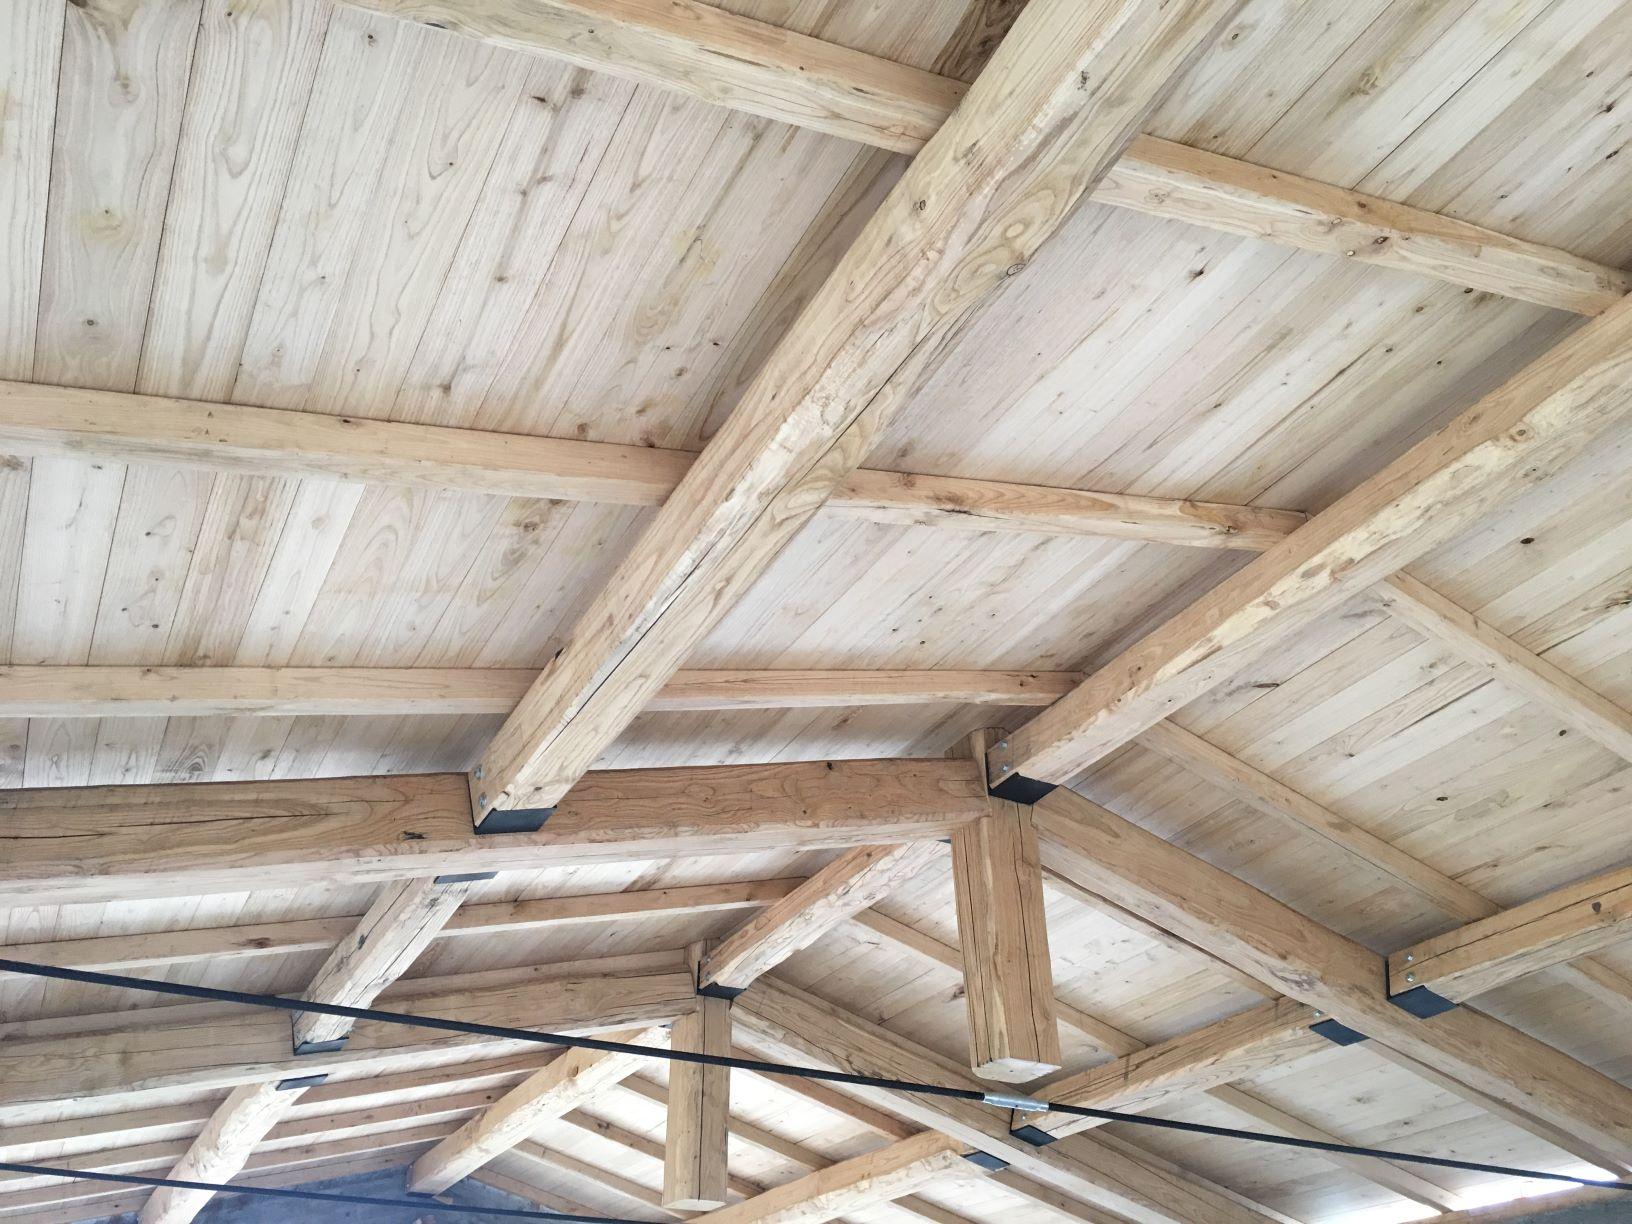 Colori Tetti Legno Lamellare tetto in legno di castagno